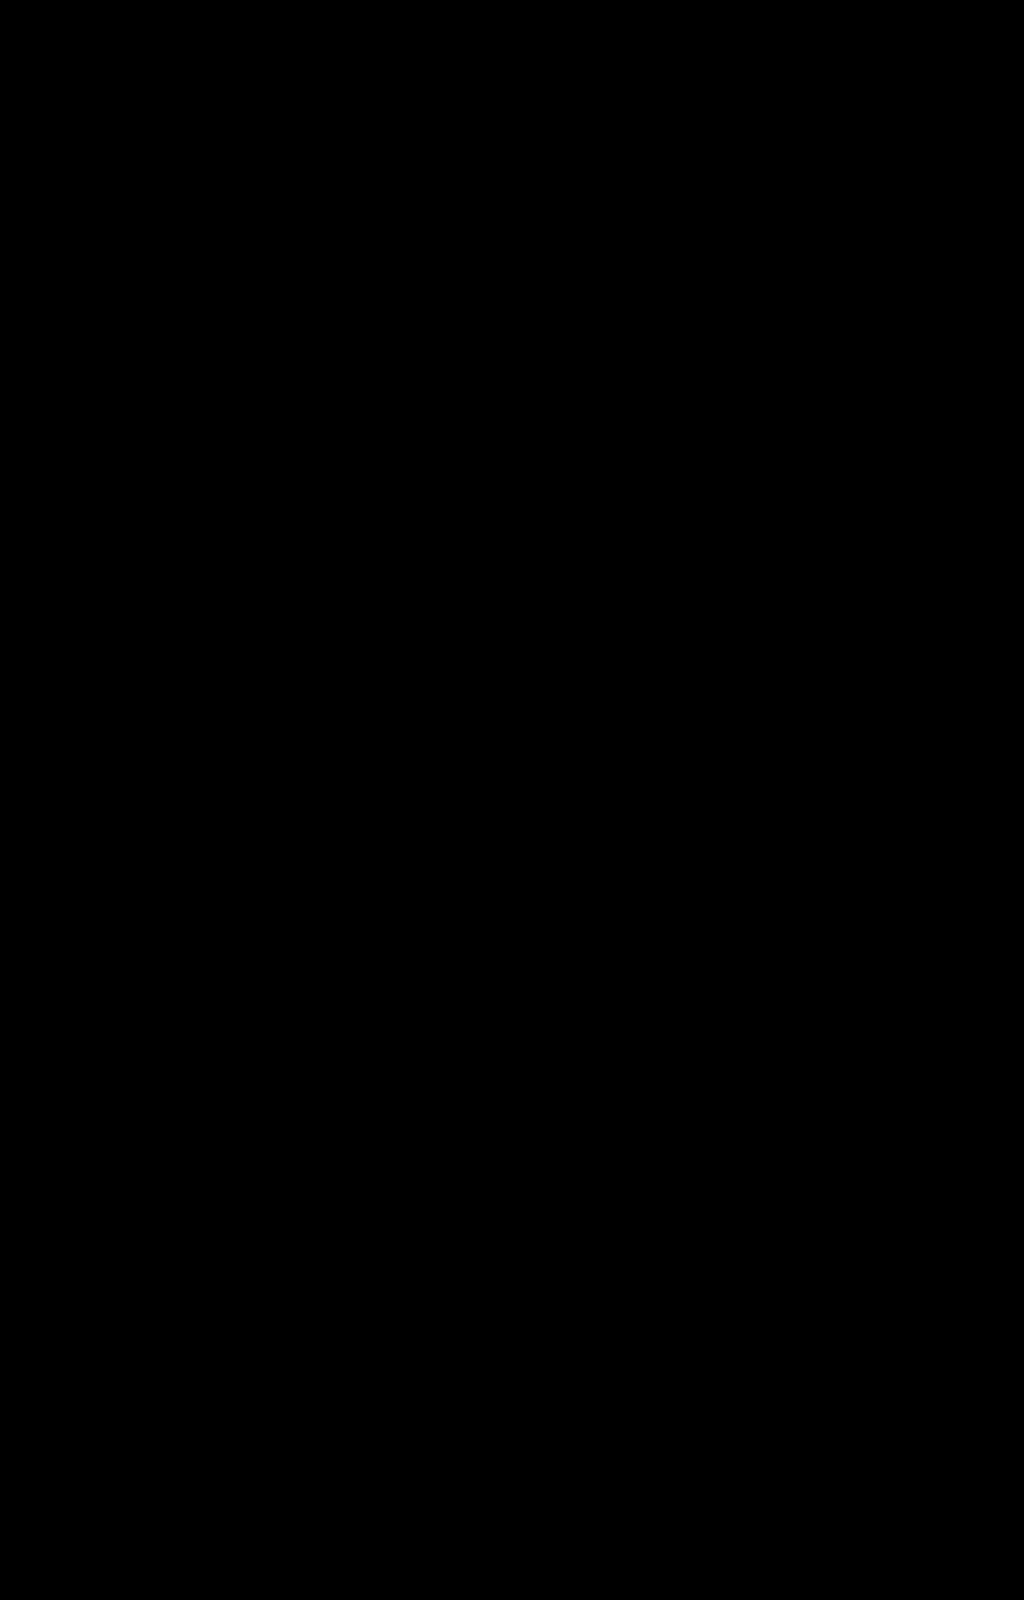 ACIMA - Associazione Culturale Internazionale Mandala L'Associazione Culturale Internazionale Mandala persegue i seguenti scopi: sviluppare ed intensificare le relazioni tra la comunità brasiliana, i popoli immigrati e la comunità italiana e internazionale.